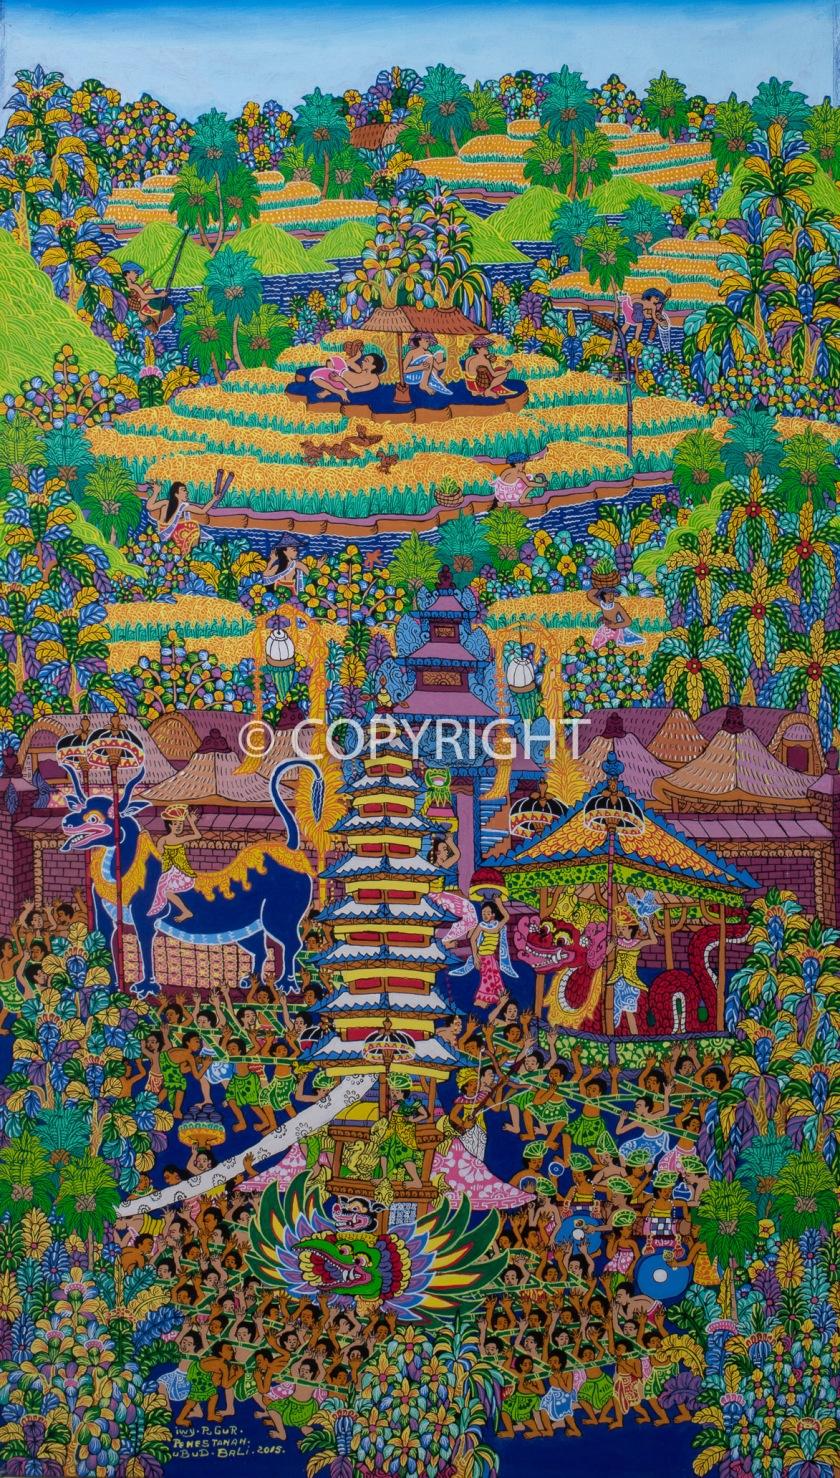 Balinese-art-acrylics-i-wayan-pugur-painting-1503